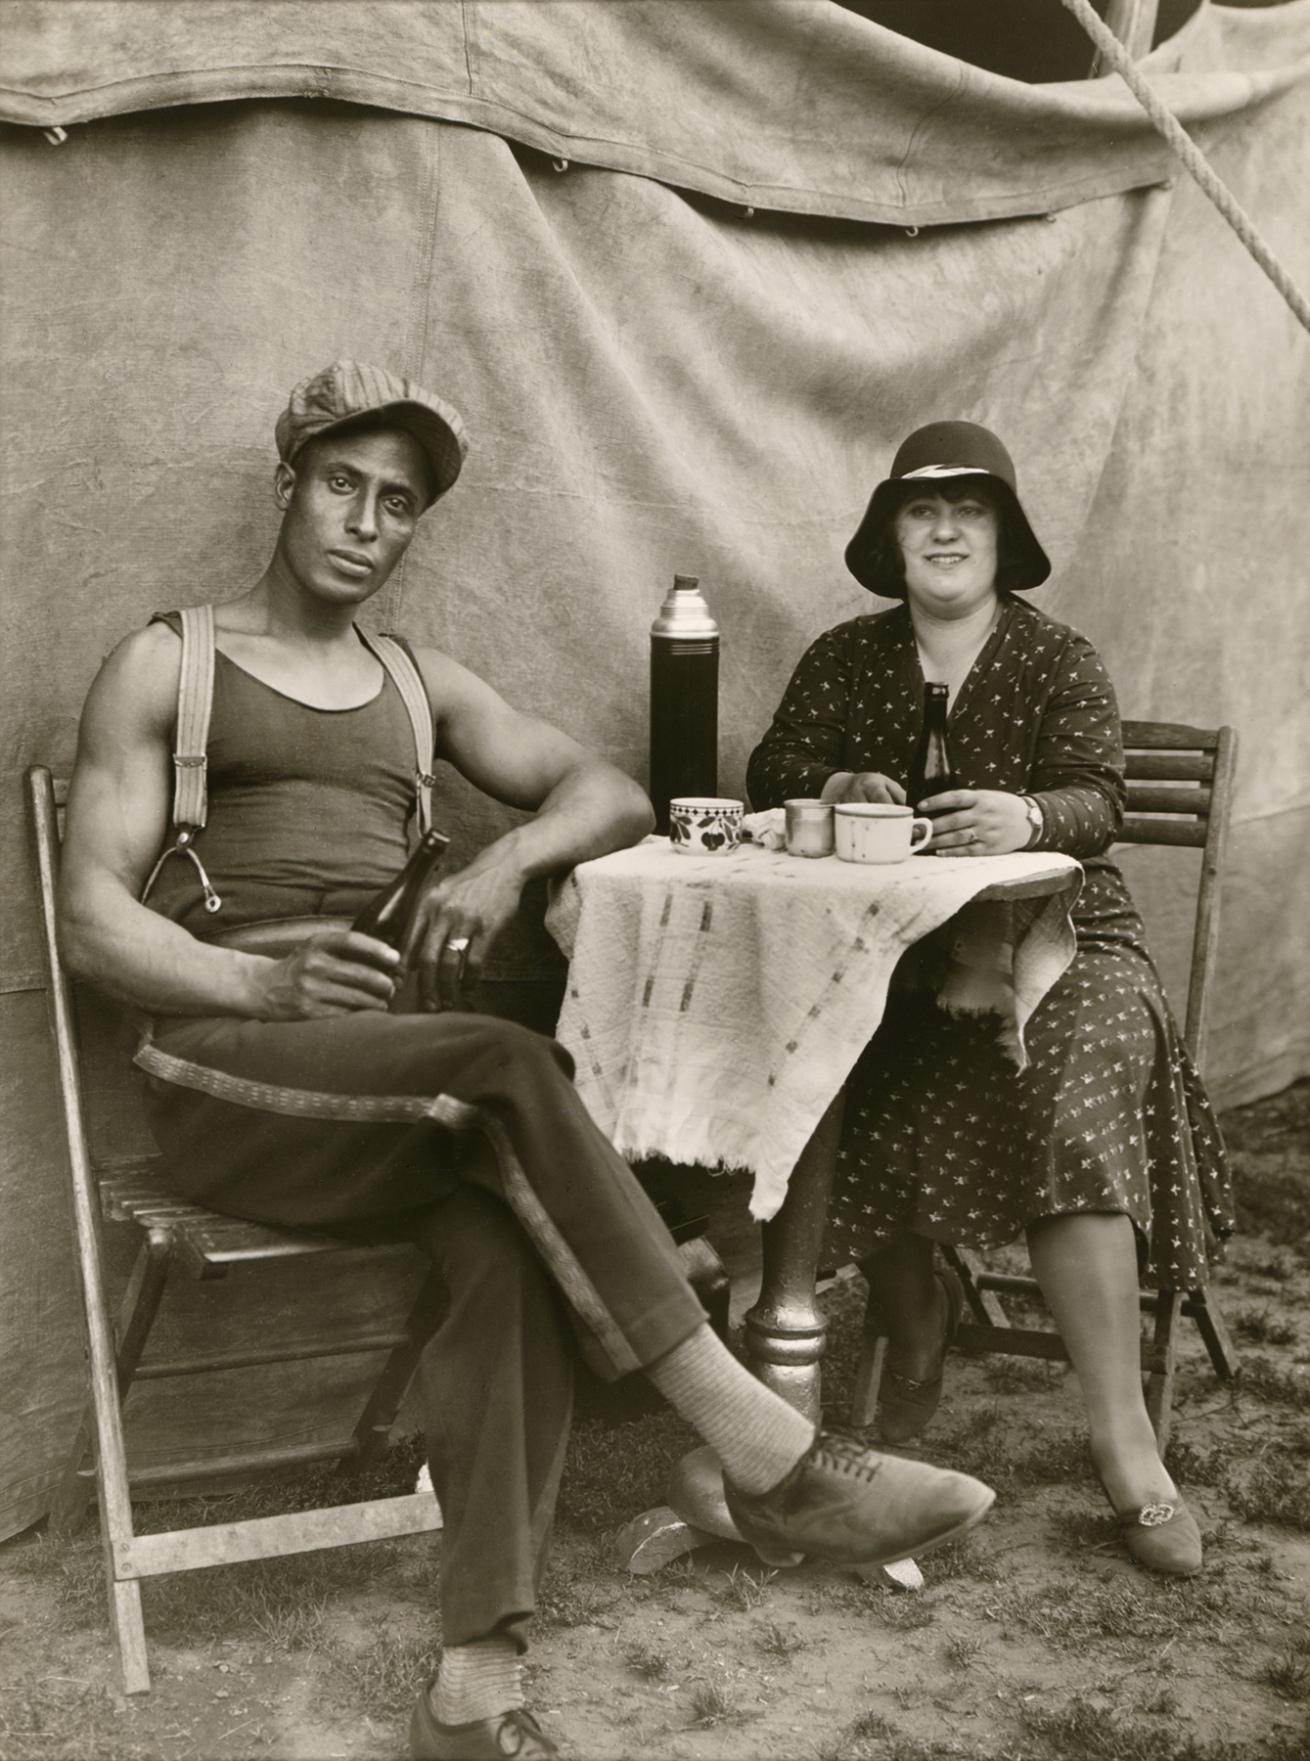 Fotó: August Sander <br />Circus Worker<br />1926-1932<br />Gelatin silver print<br />© Die Photographische Sammlung/SK Stiftung Kultur – August Sander Archiv; VG Bild-Kunst, 2018